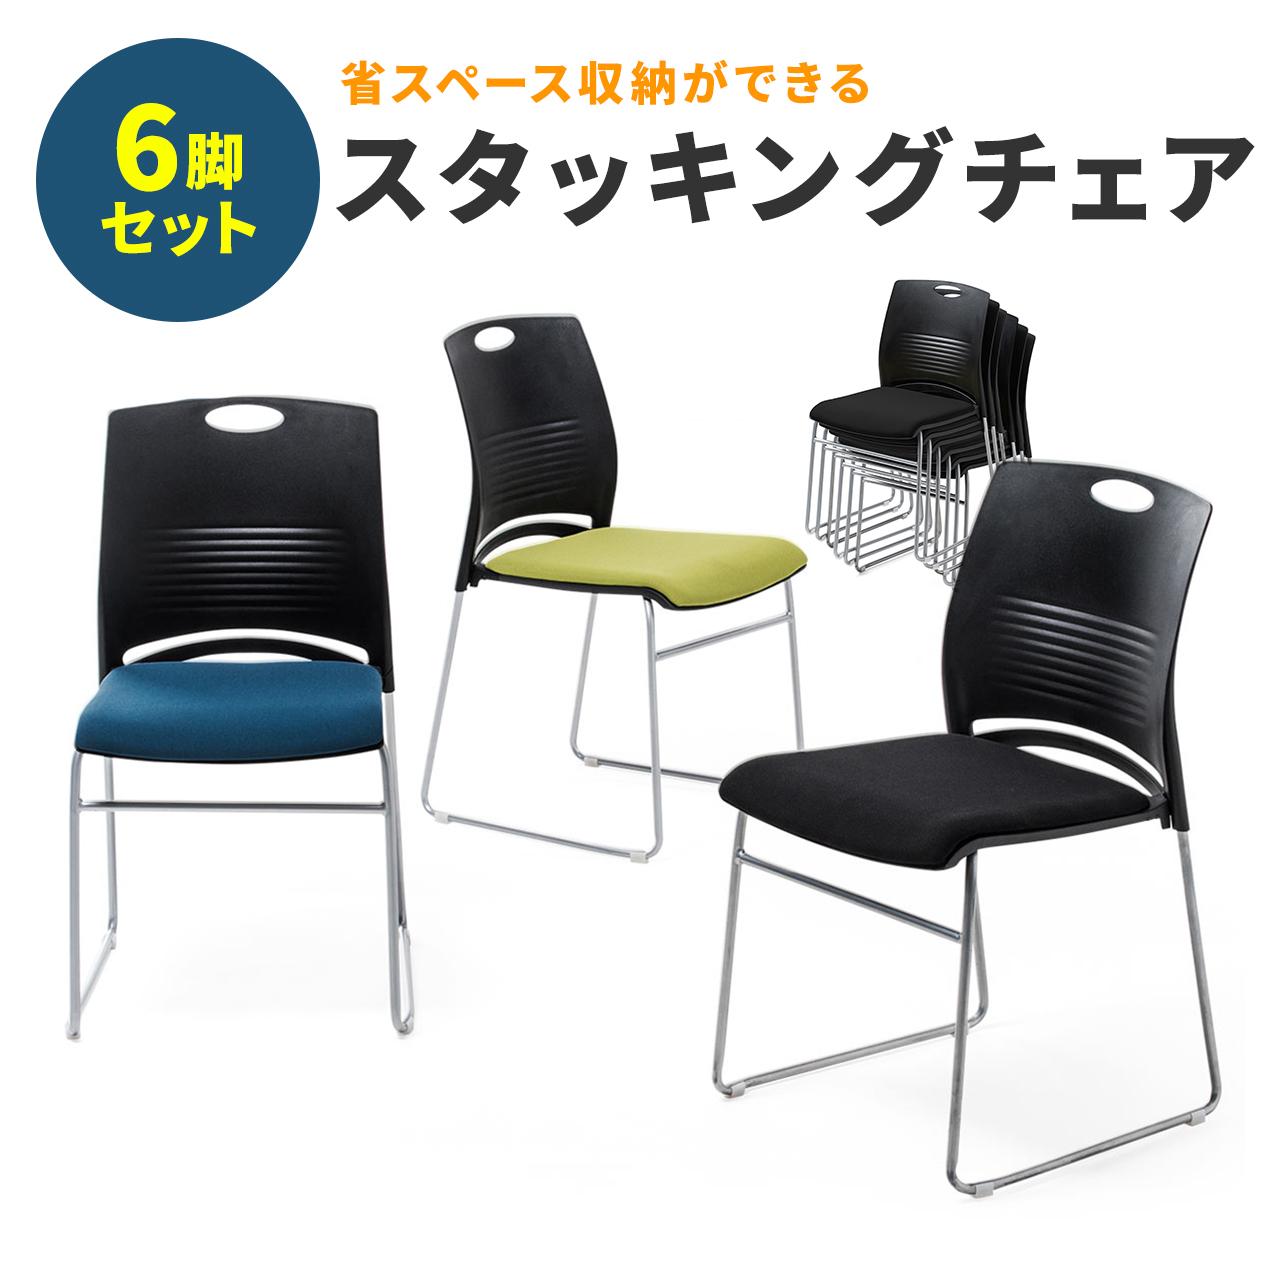 ミーティングチェア 6脚入り 最大6台スタッキング可能 取っ手付き ブラック/ブルー/グリーン ネスティングチェア スタッキングチェア オフィスチェア 会議椅子 会議用イス スツール スタッキング